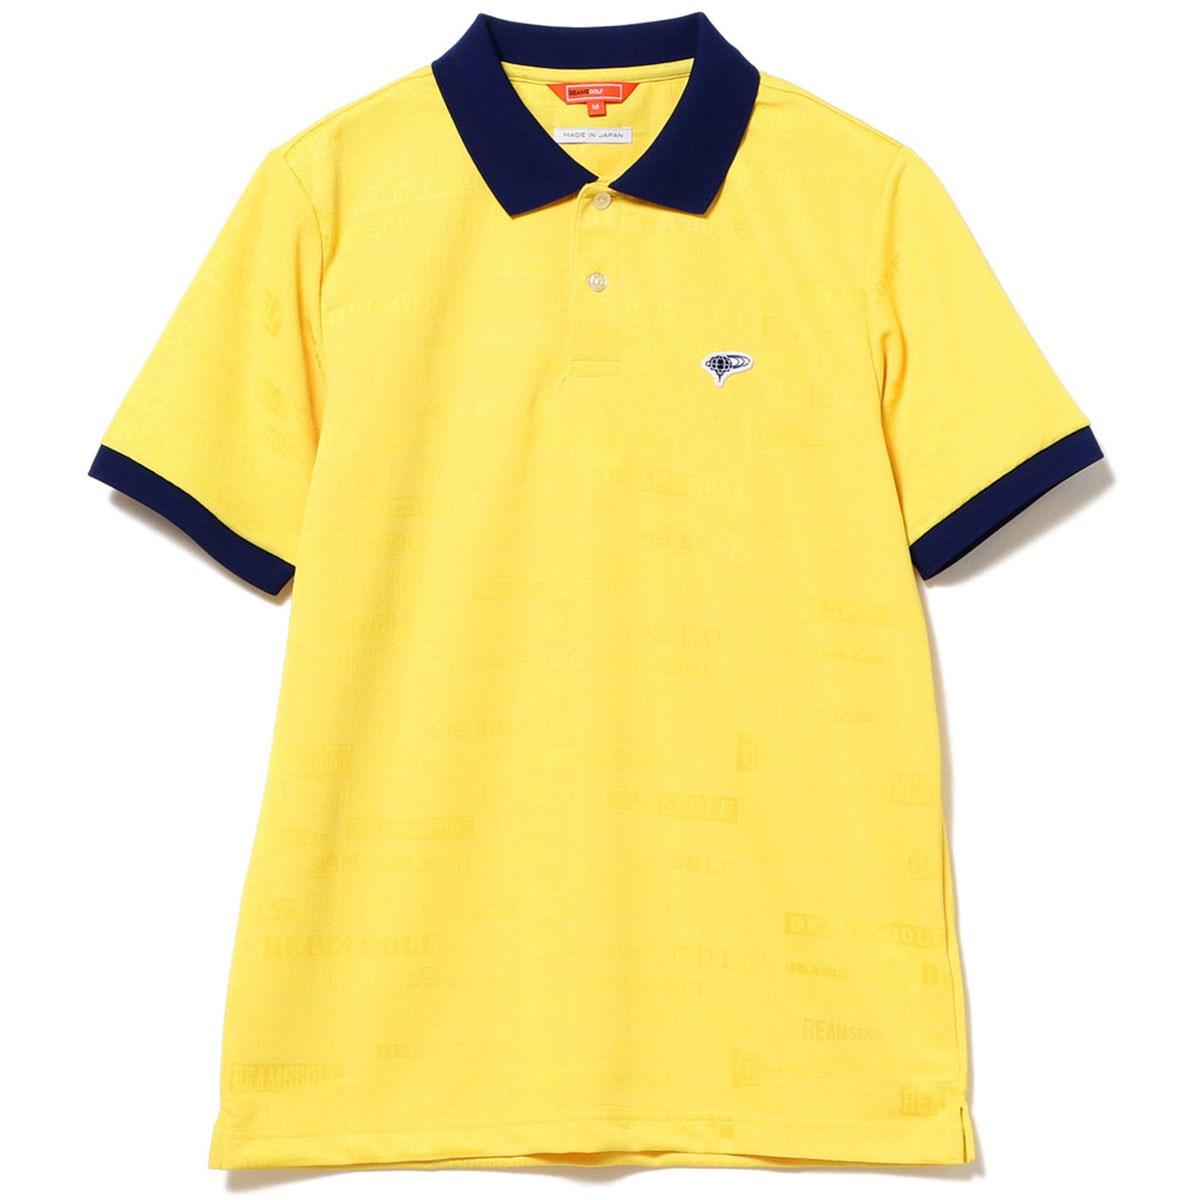 ビームスゴルフ BEAMS GOLF ORANGE LABEL マルチ ロゴ ジャカード ポロシャツ